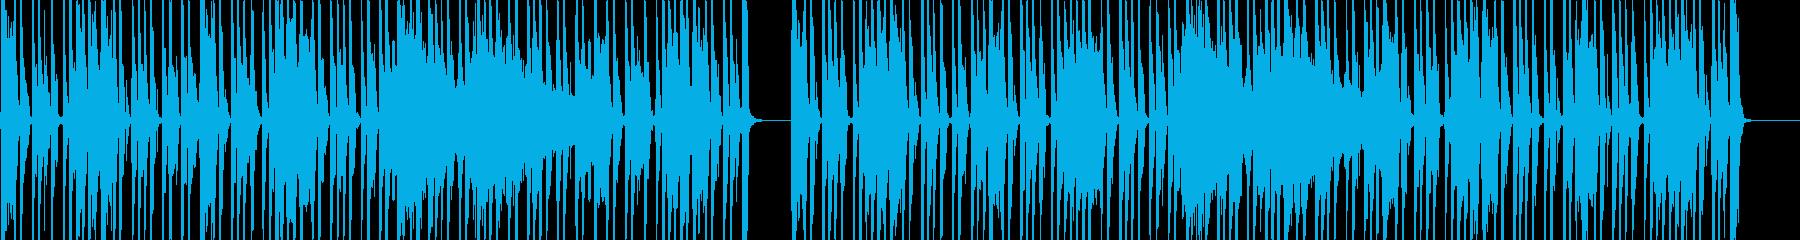 グルーヴ感たっぷりのファンク調セッションの再生済みの波形